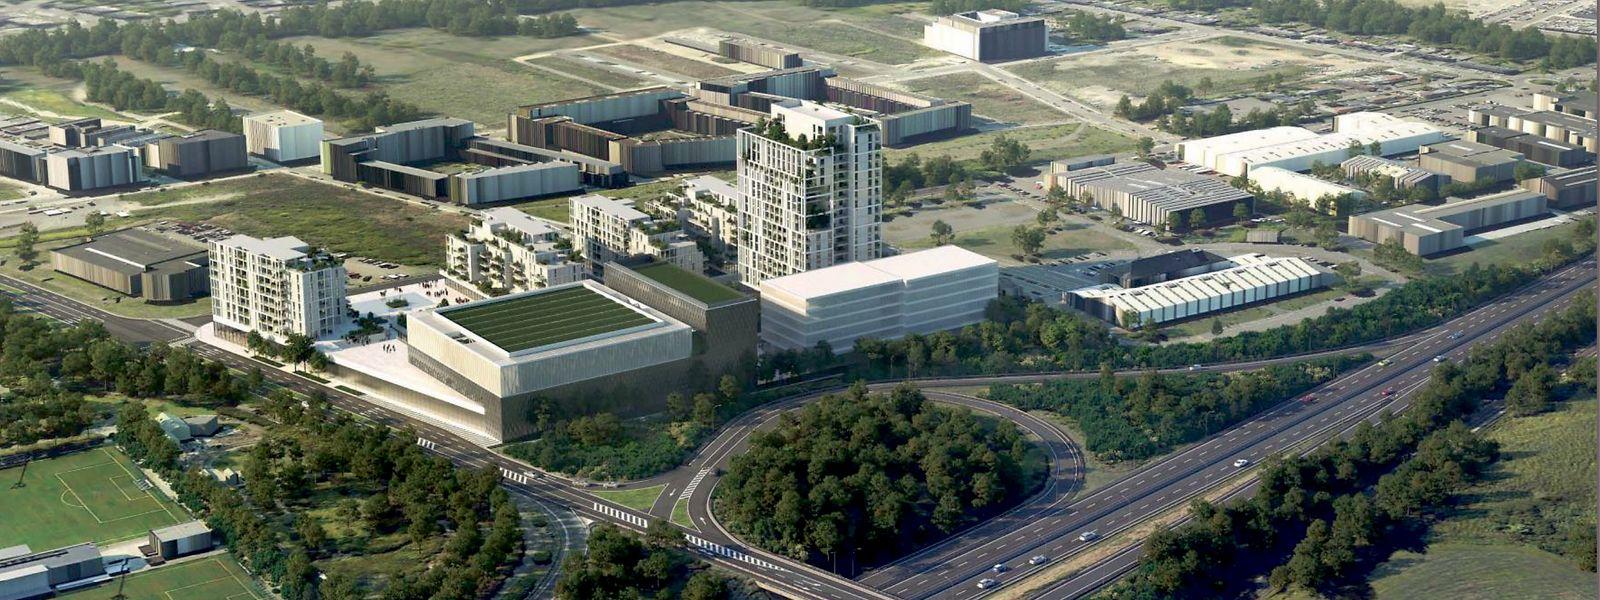 In Lankelz entsteht ein Wohnprojekt samt Einkaufszentrum, Arena und Sportmuseum.